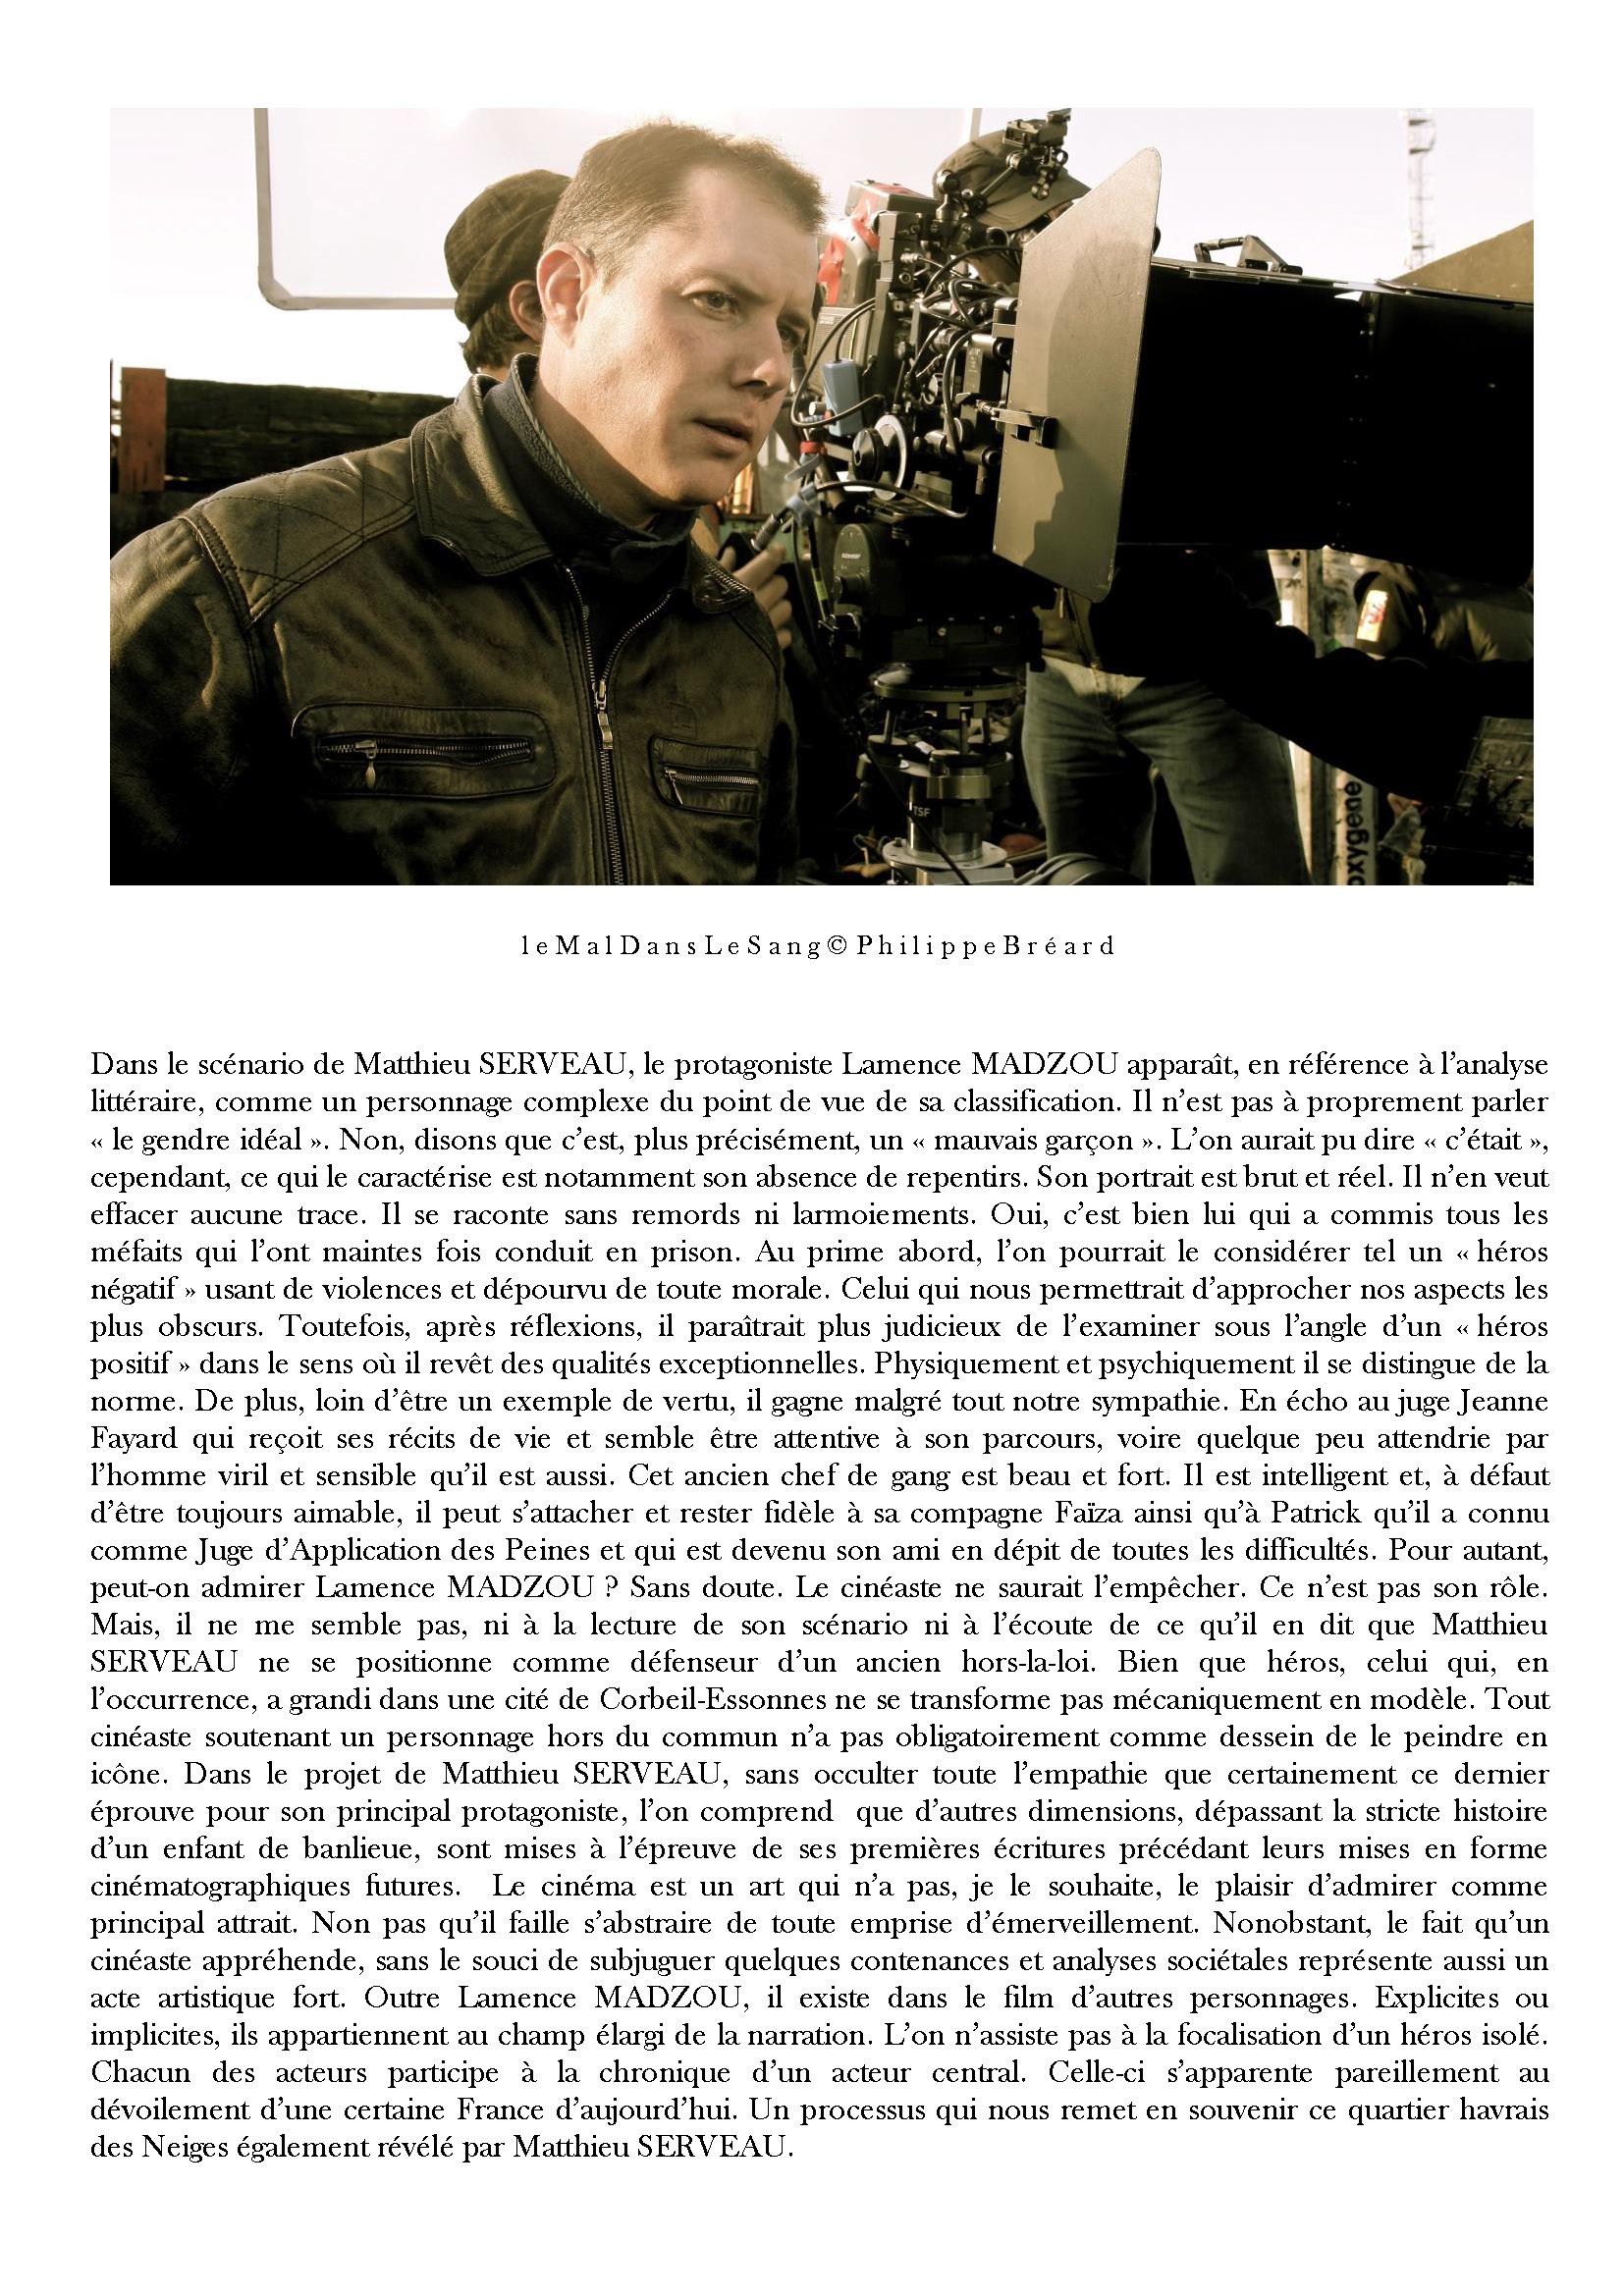 Serveau Matthieu_article 3_Lamence Madzou_Page_2